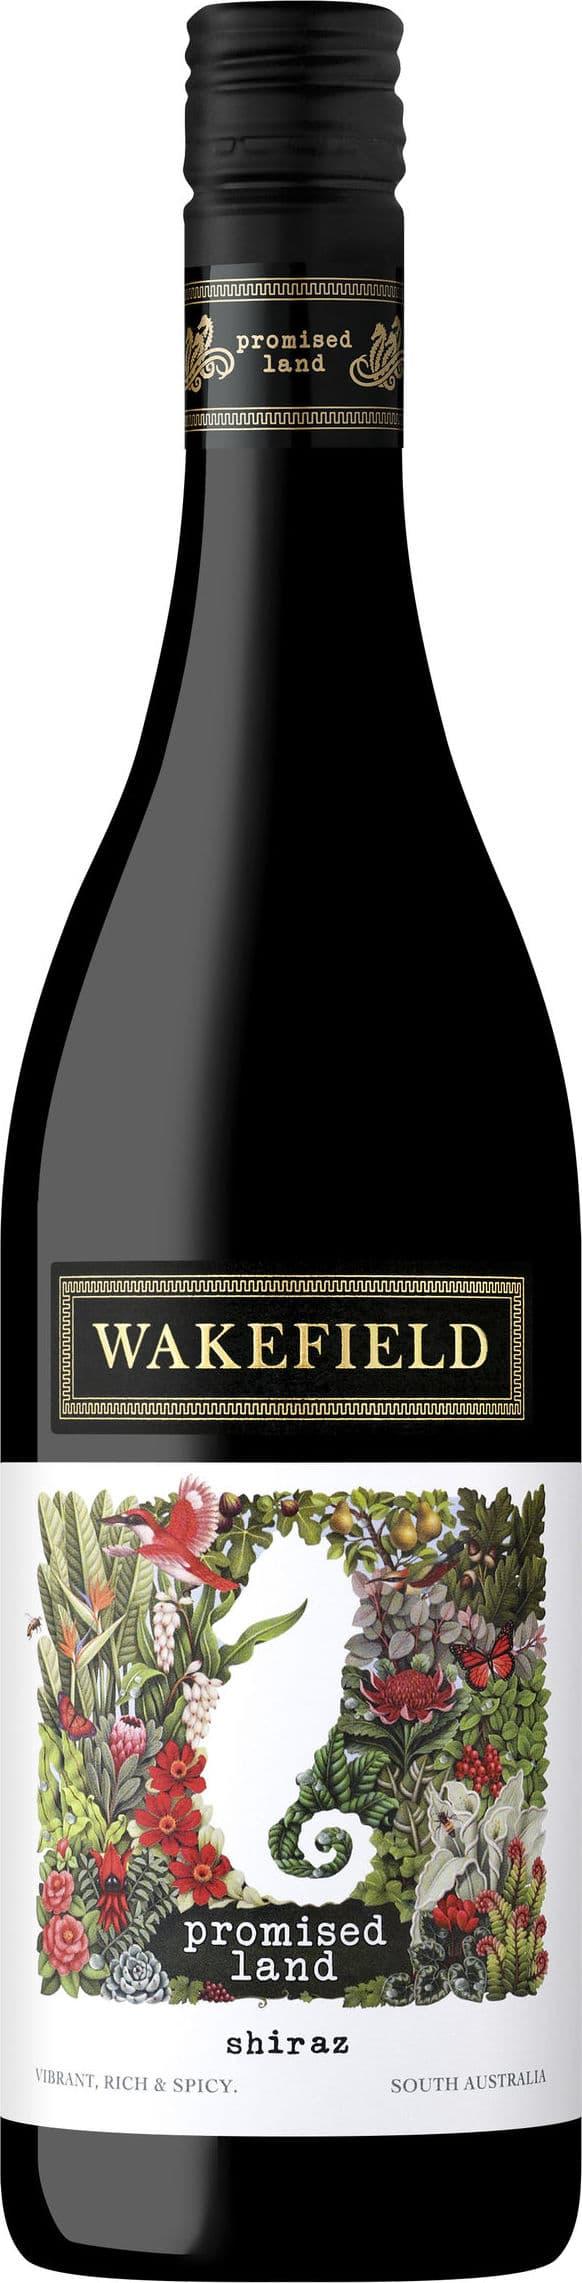 $14.95 - Wakefield Promised Land 2017